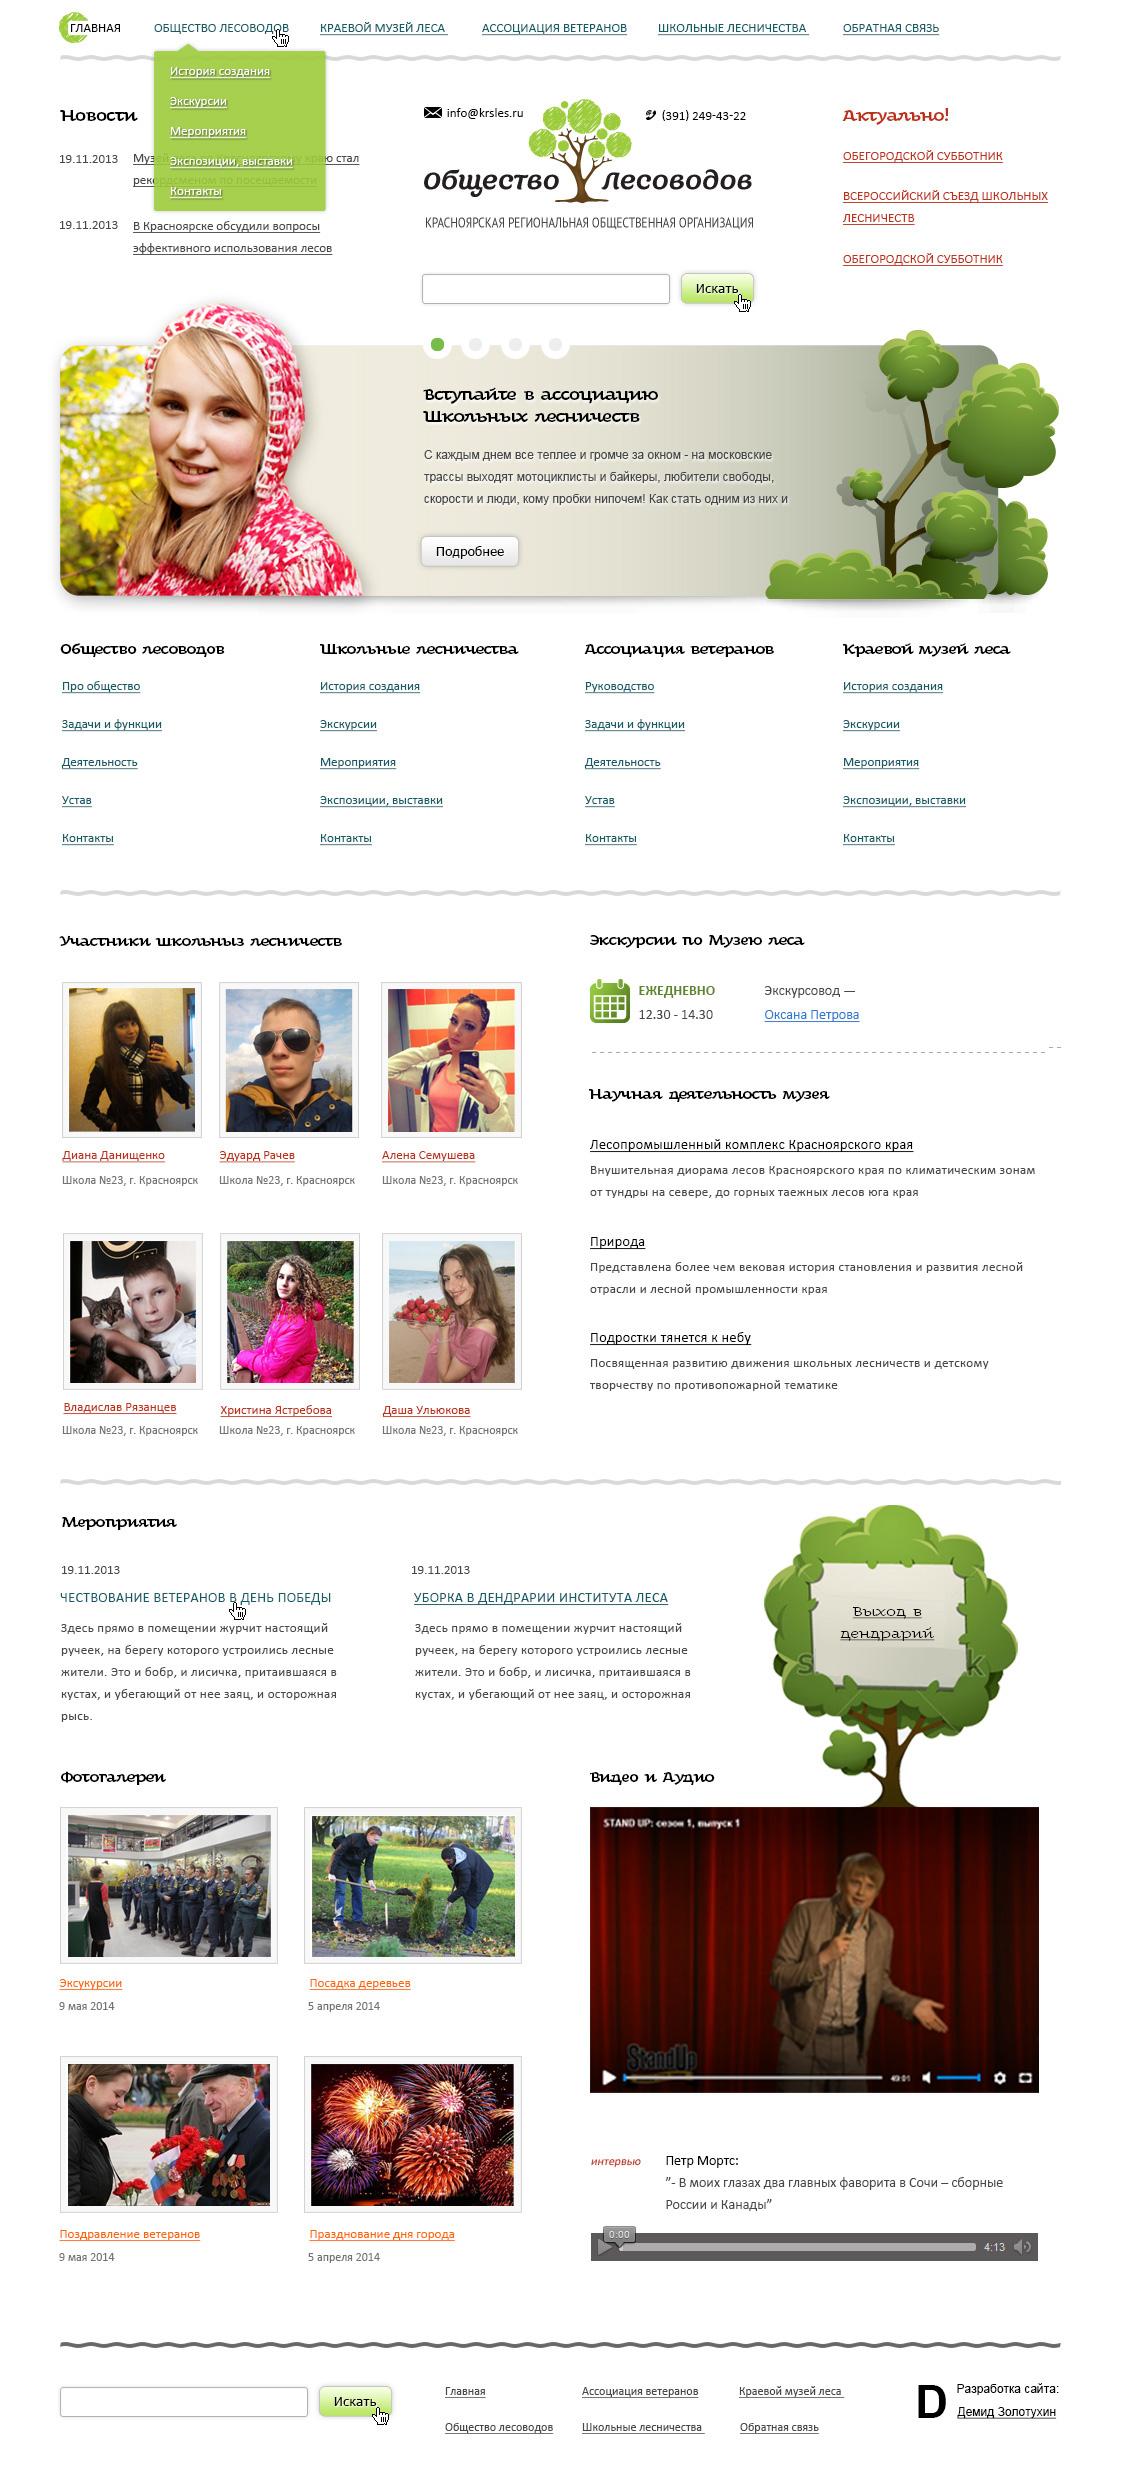 Главная страница информационный портал Общество лесоводов. Разработка сайтов в Красноярске